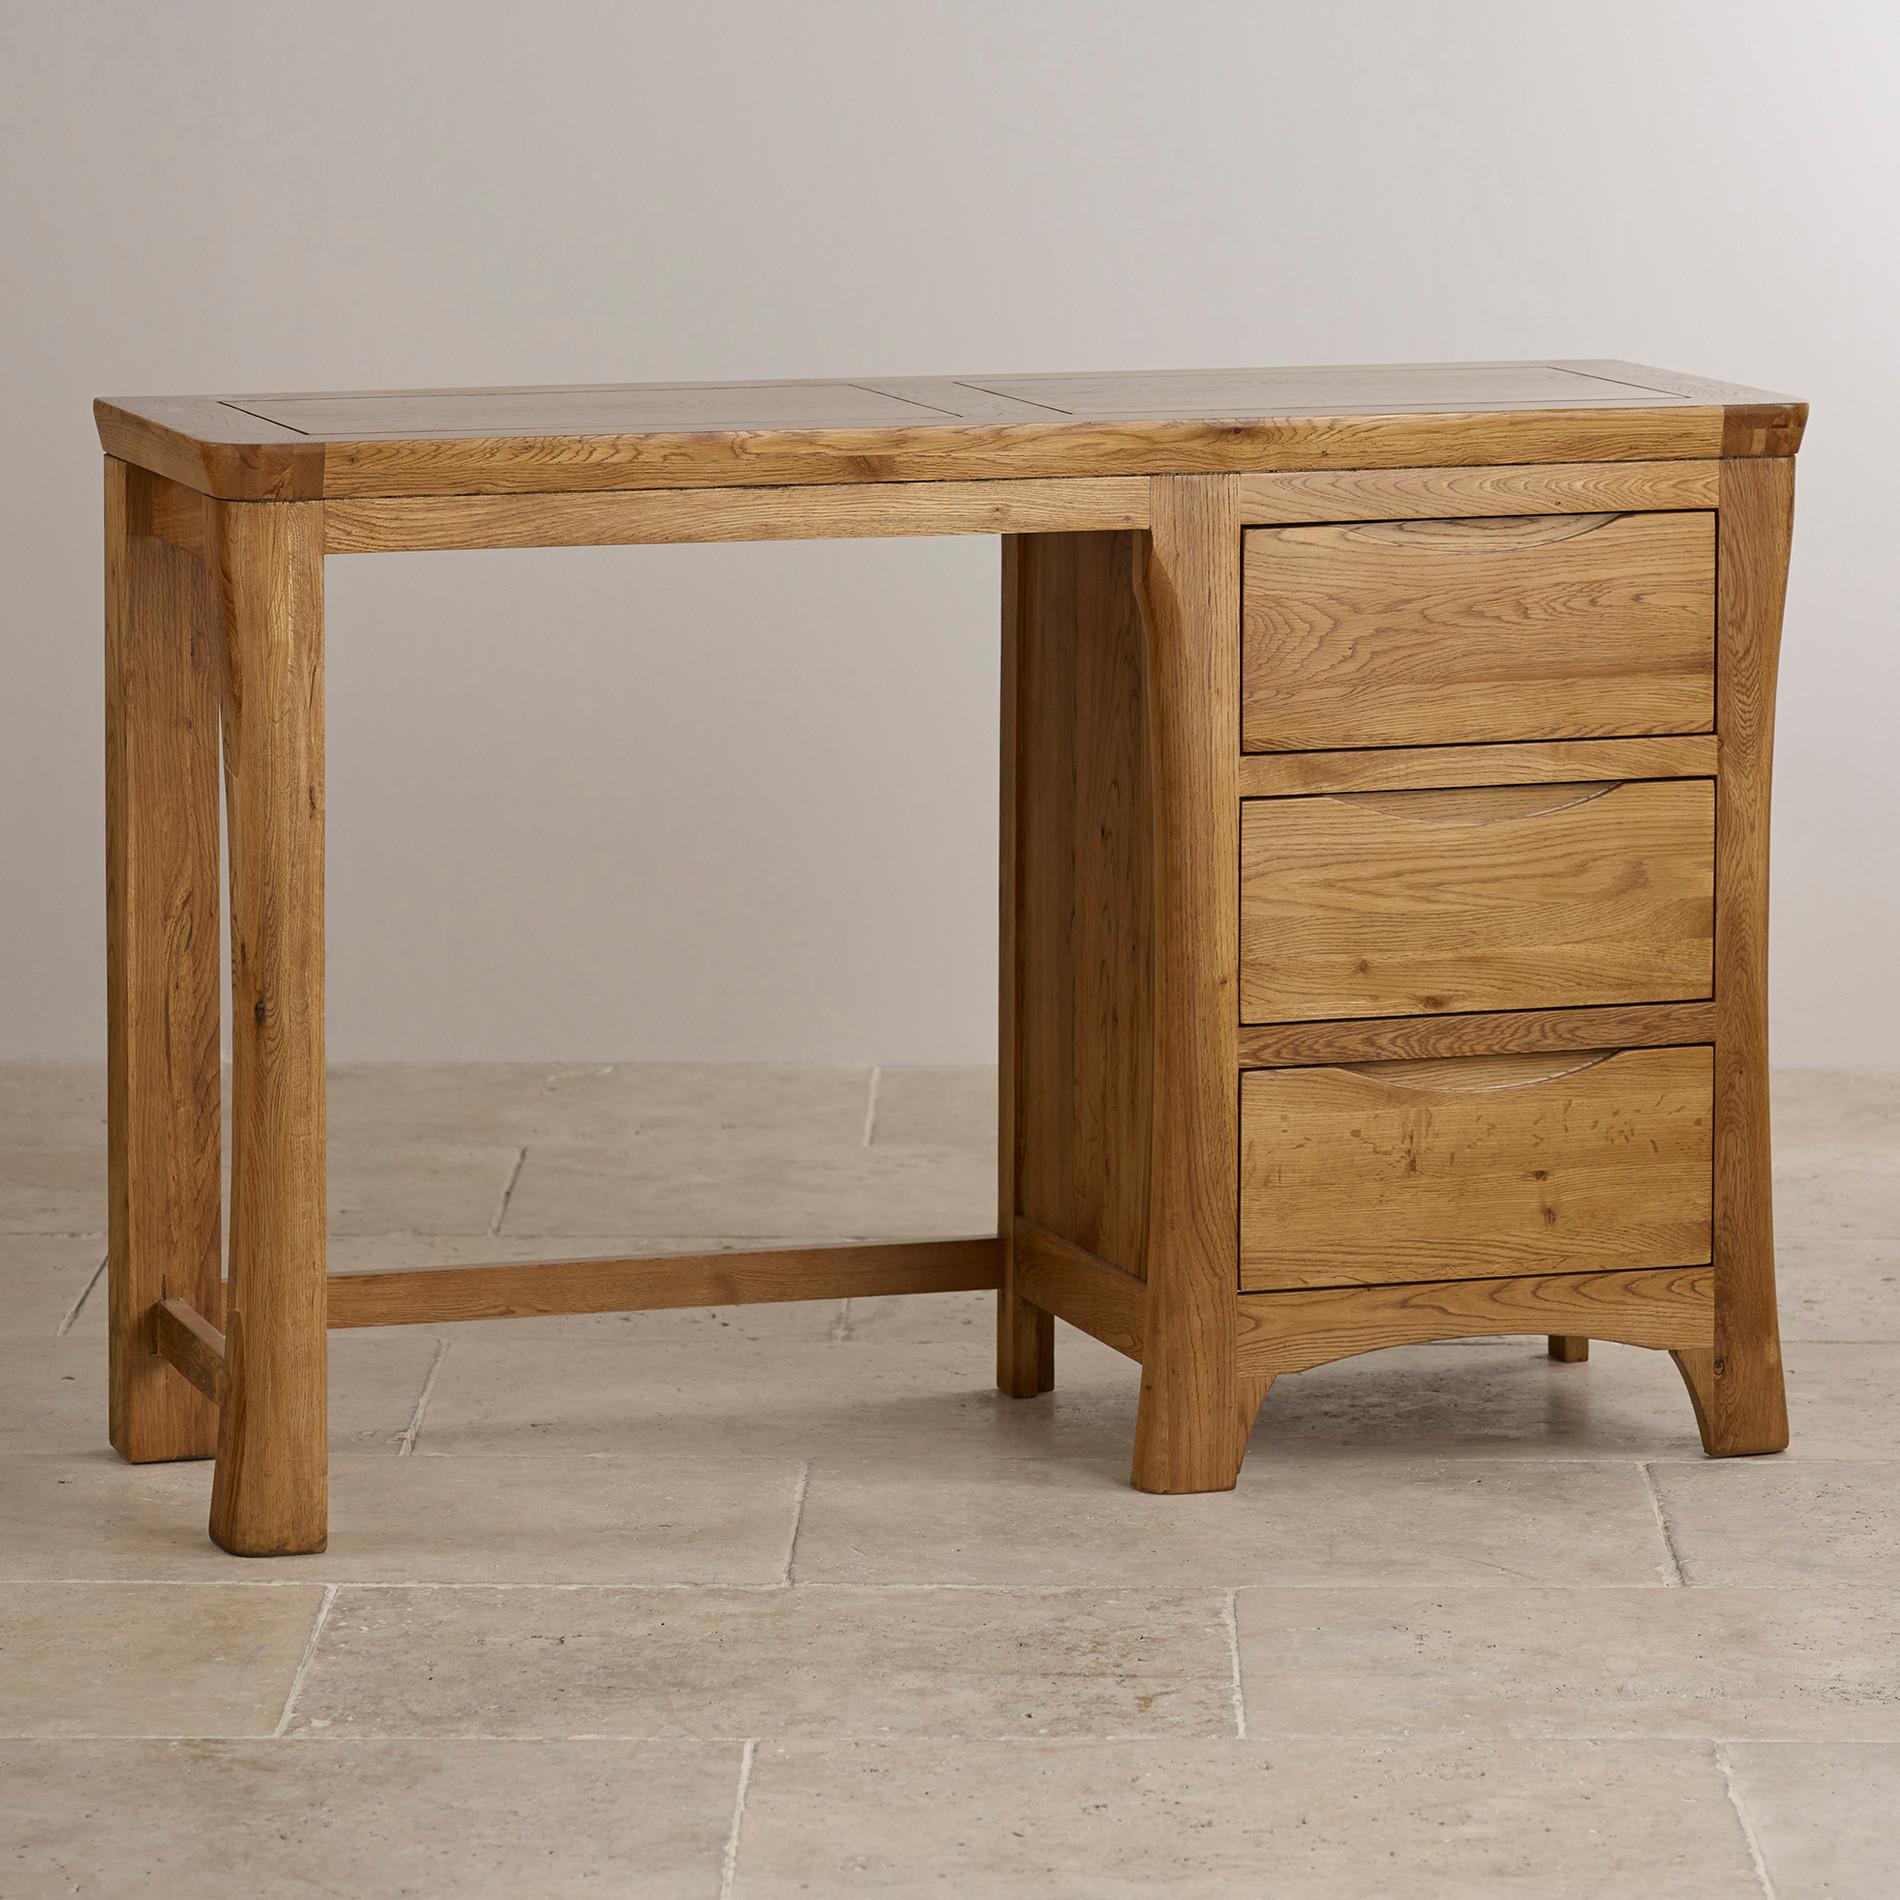 Orrick Dressing Table In Rustic Solid Oak Oak Furniture Land - Rustic oak dressing table